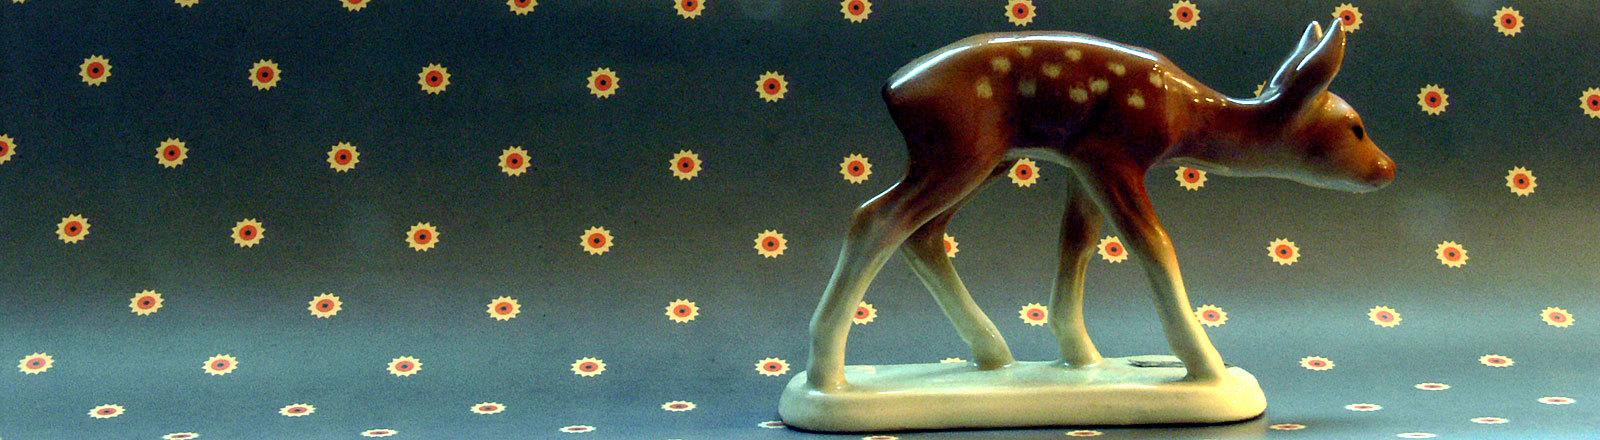 Kitschfigur Reh vor gepunkteter Tapete